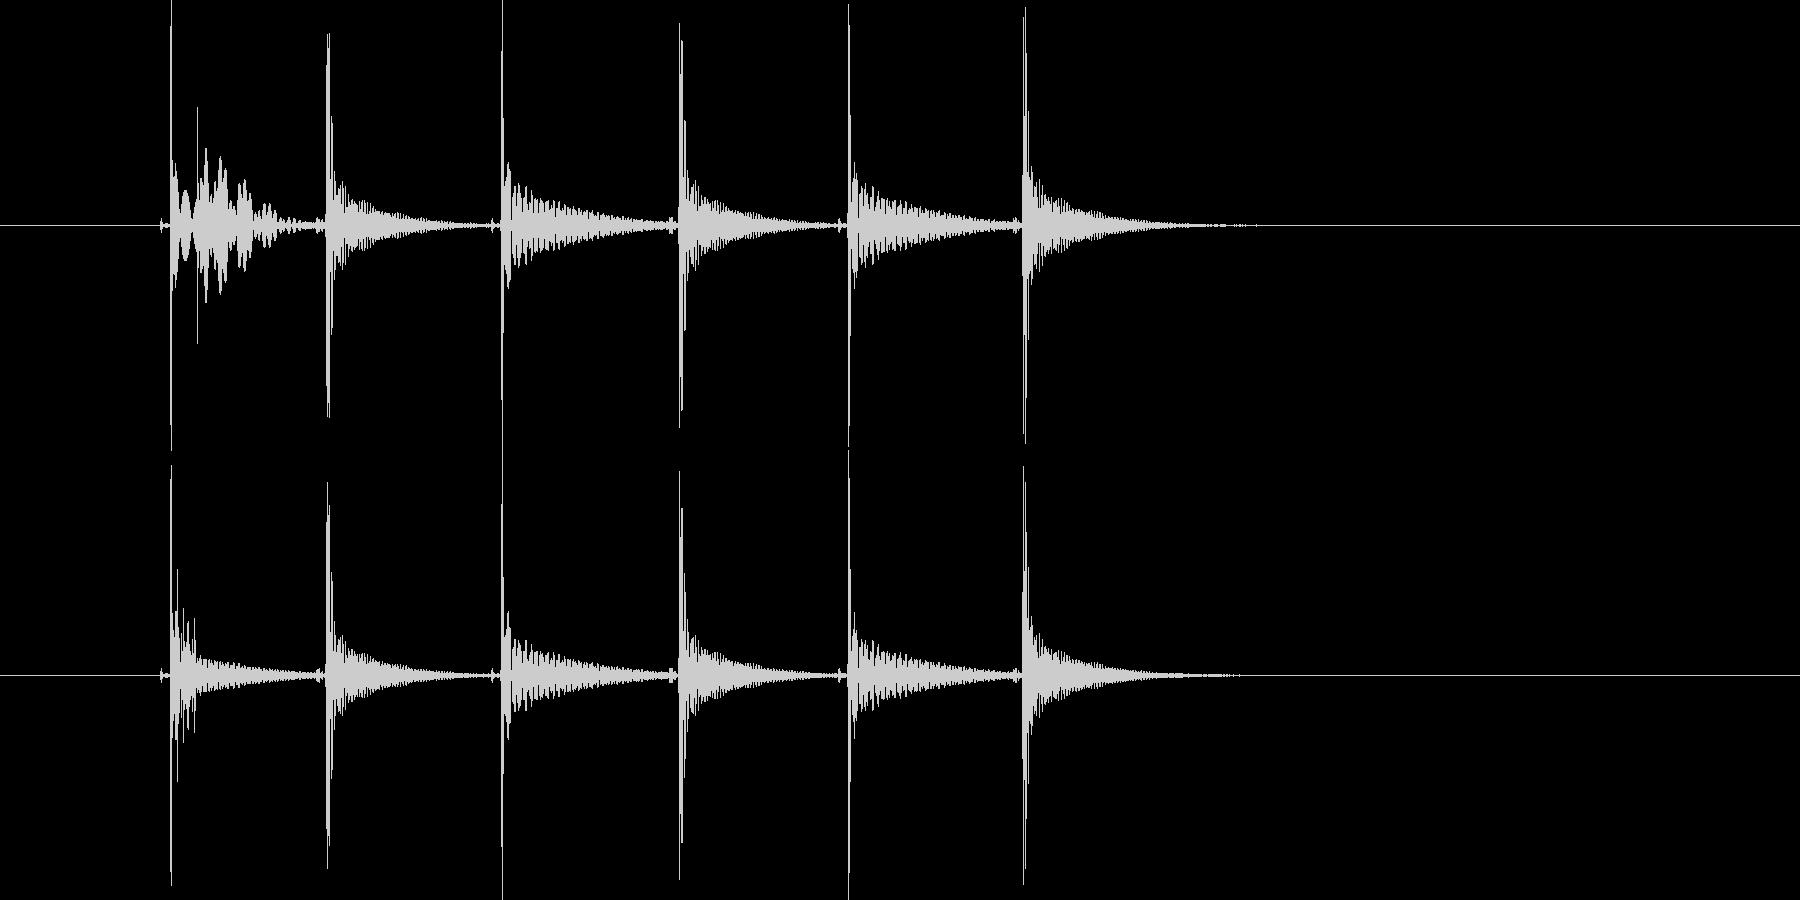 ピッチョンピッチョン(コミカル)の未再生の波形